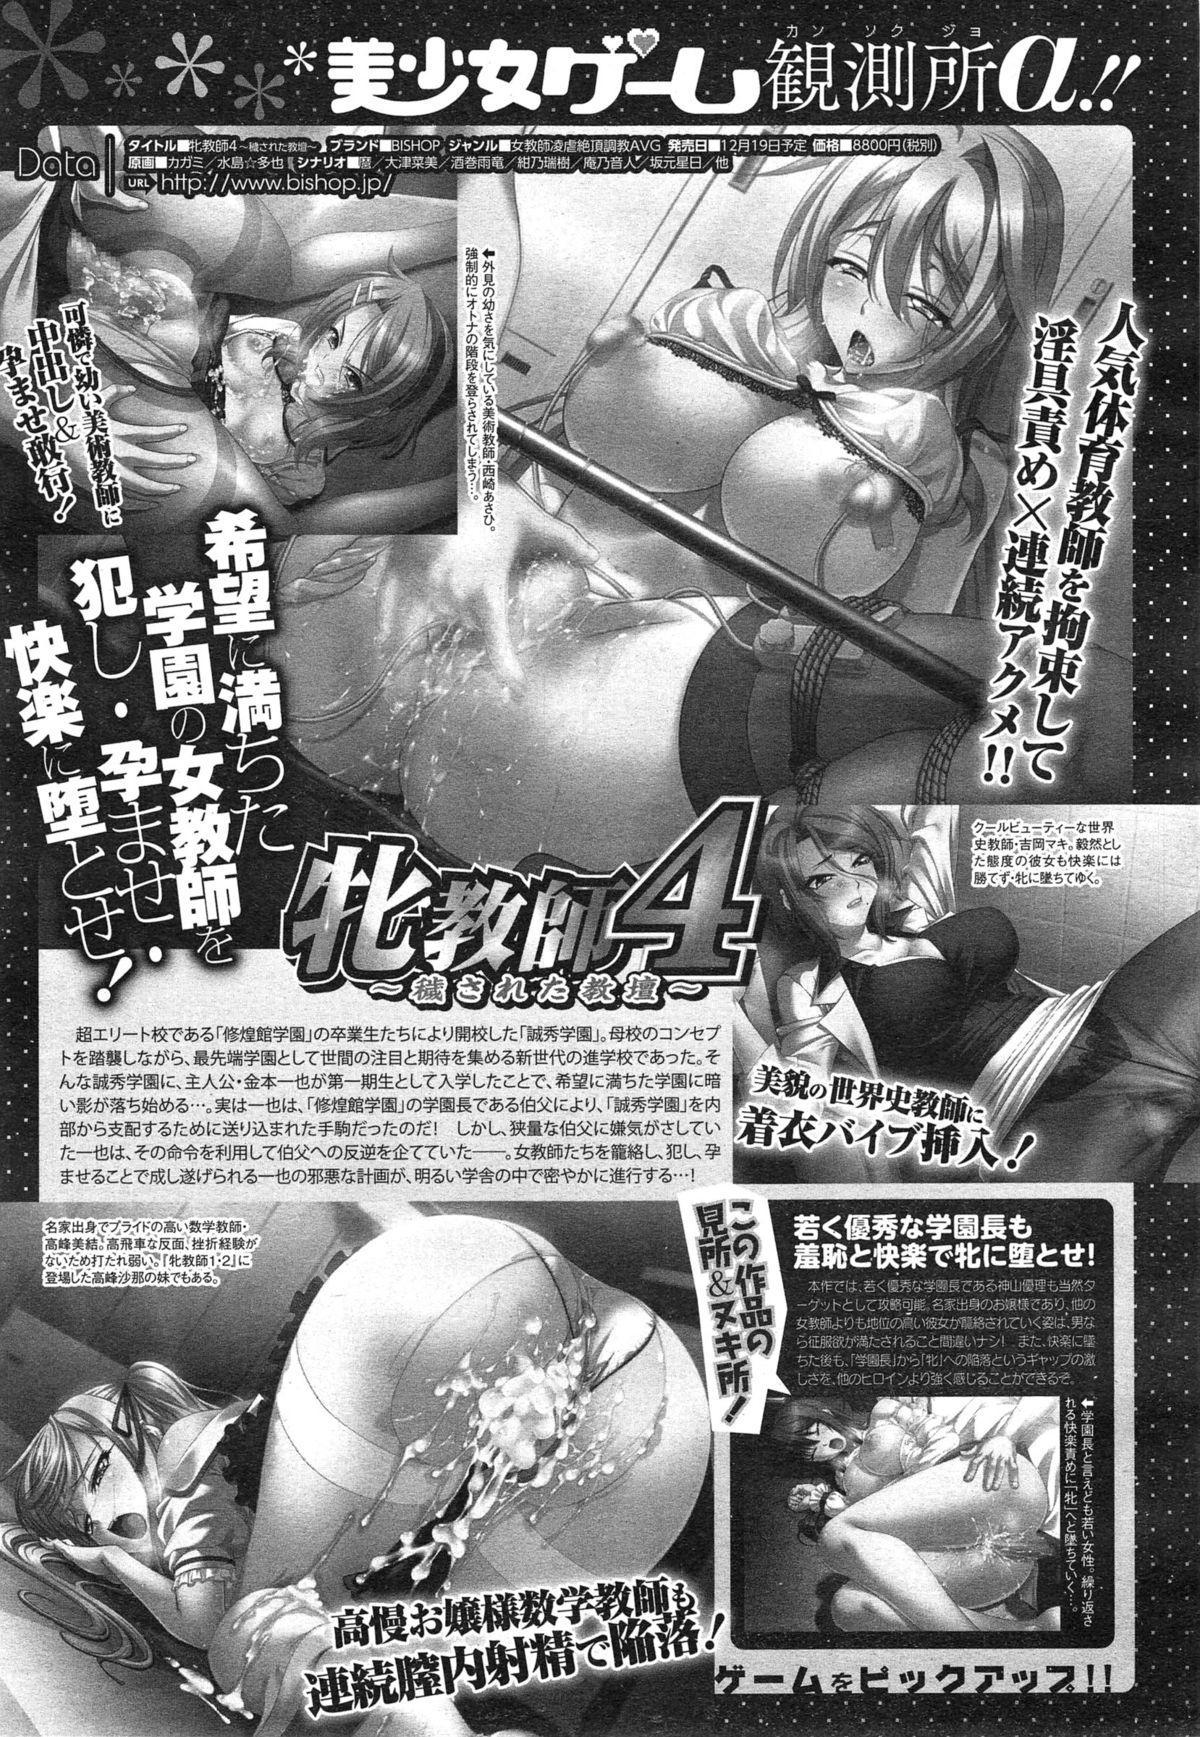 COMIC Megastore Alpha 2015-01 318